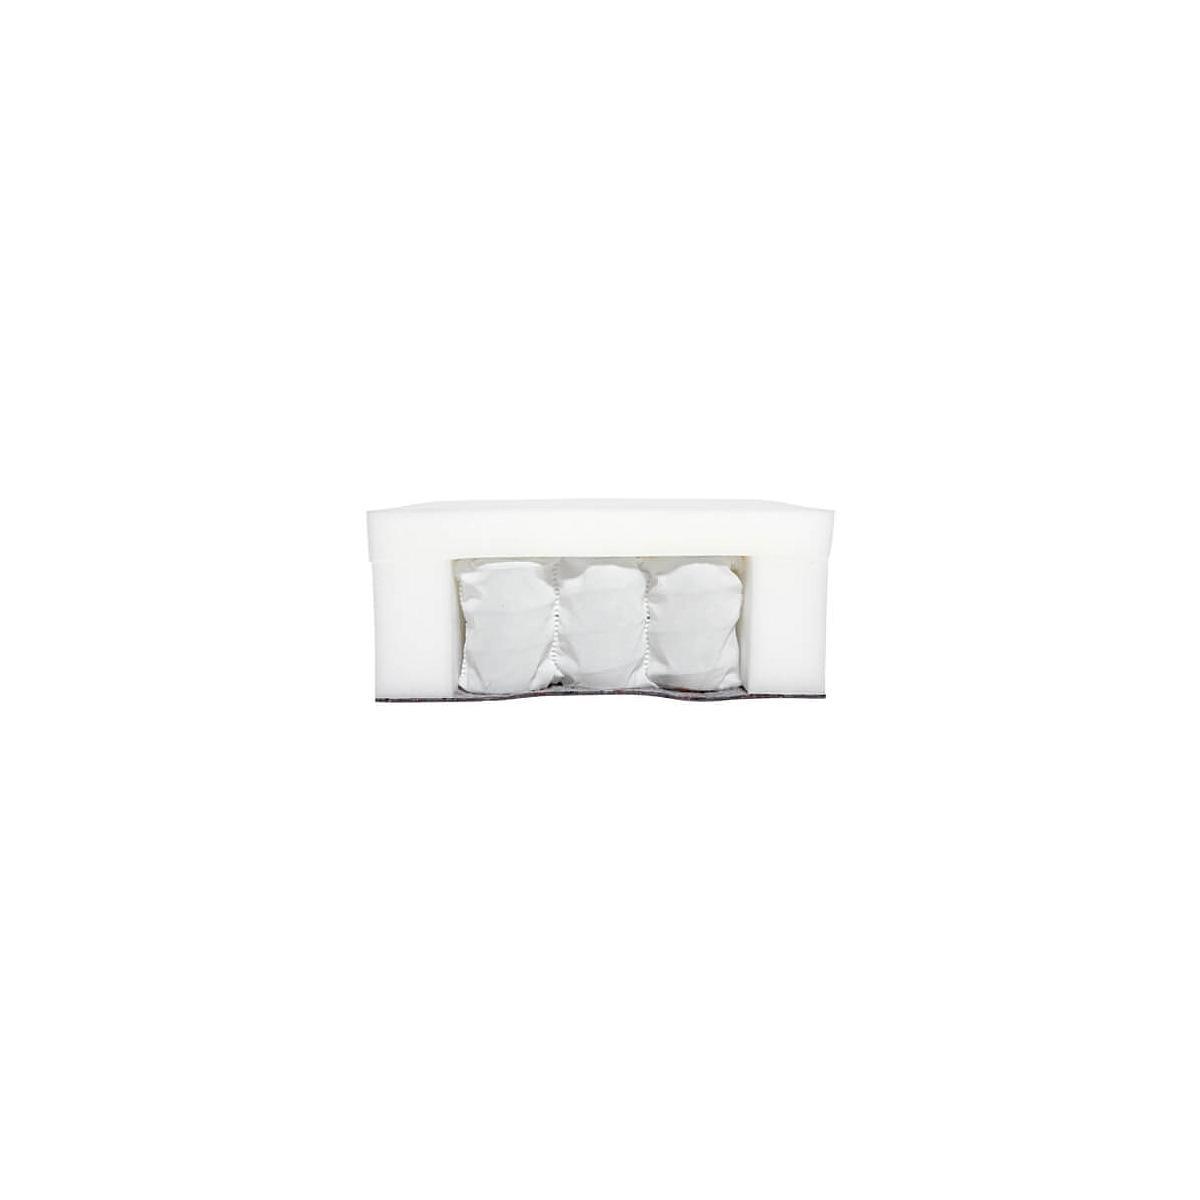 Colchón muelles con funda 140x200 Flexa crema